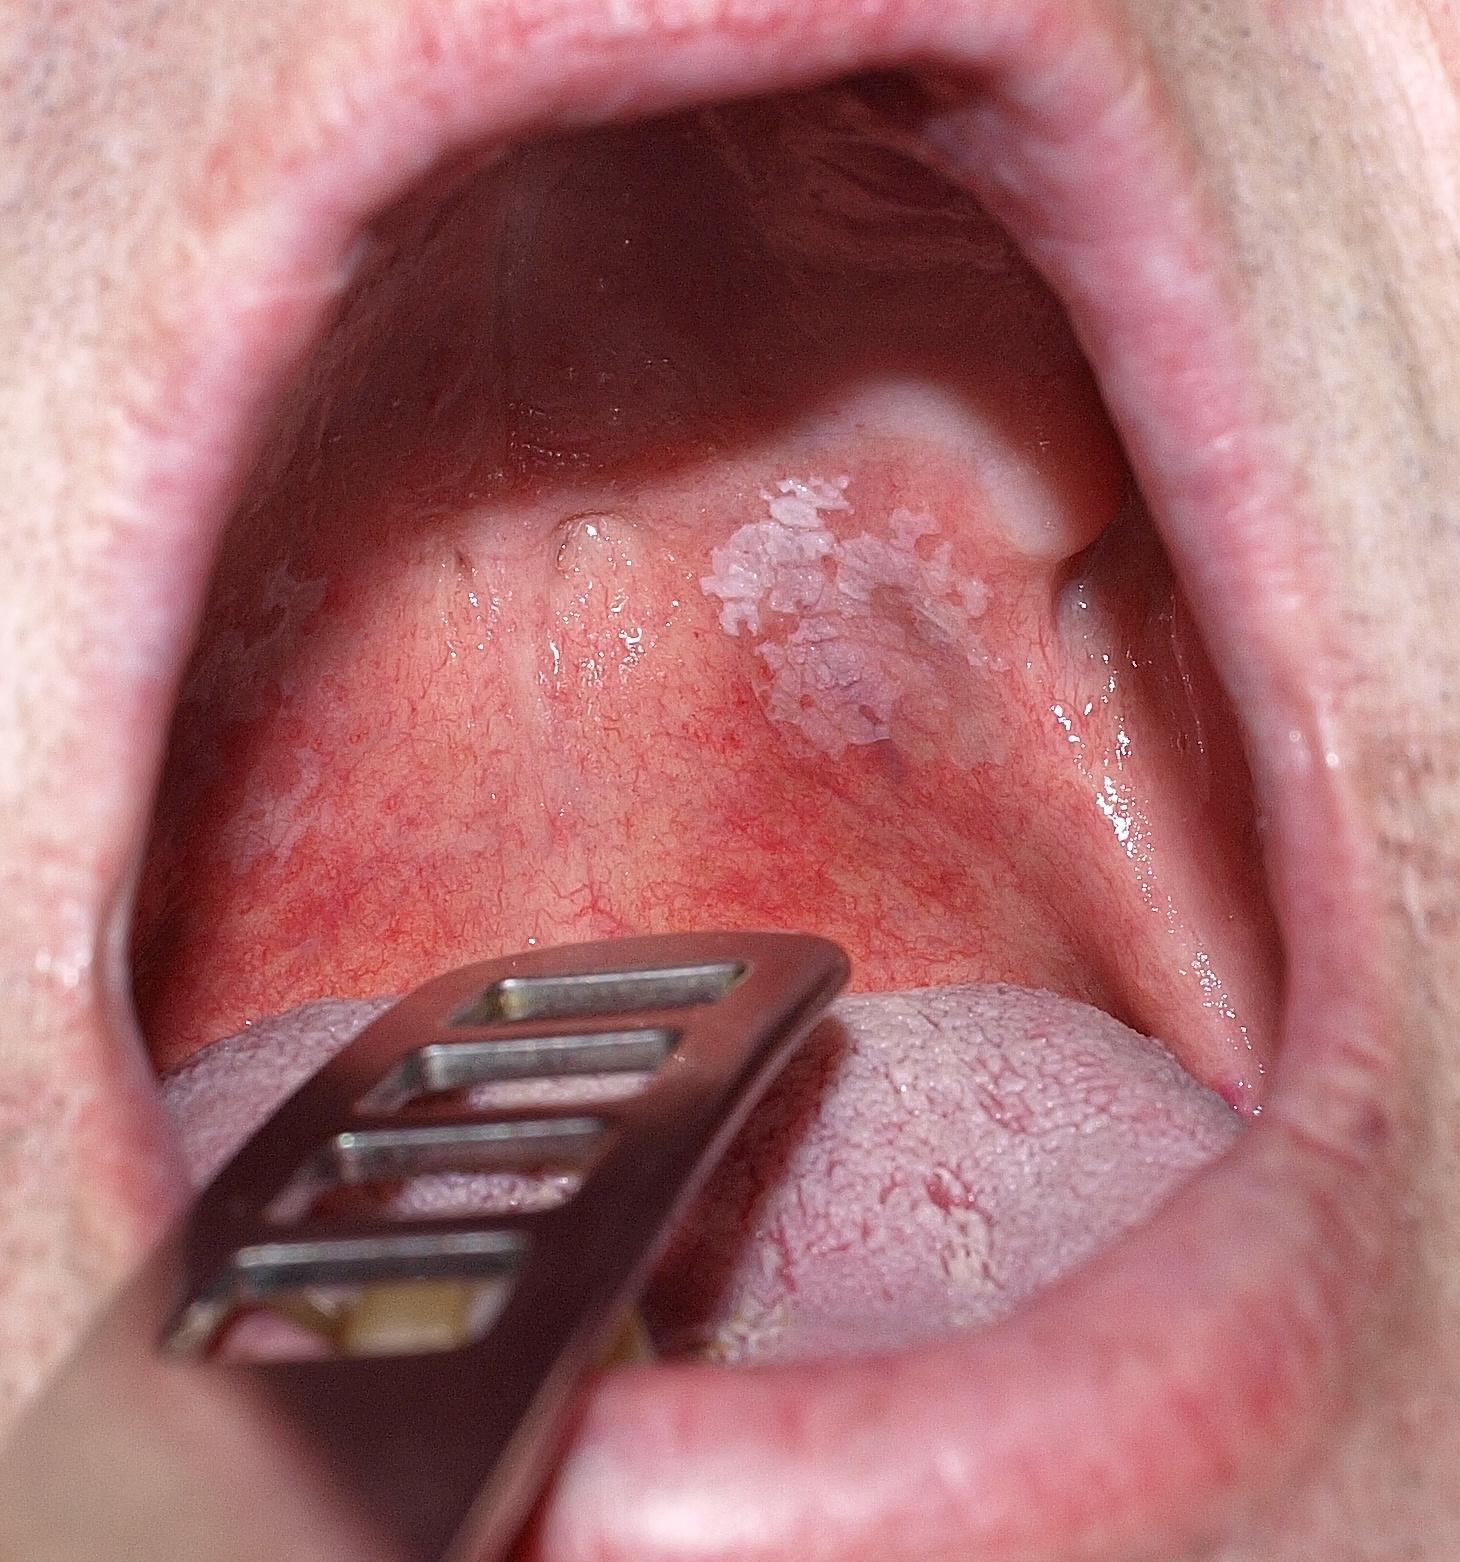 papilloma a szájnyálkahártyán